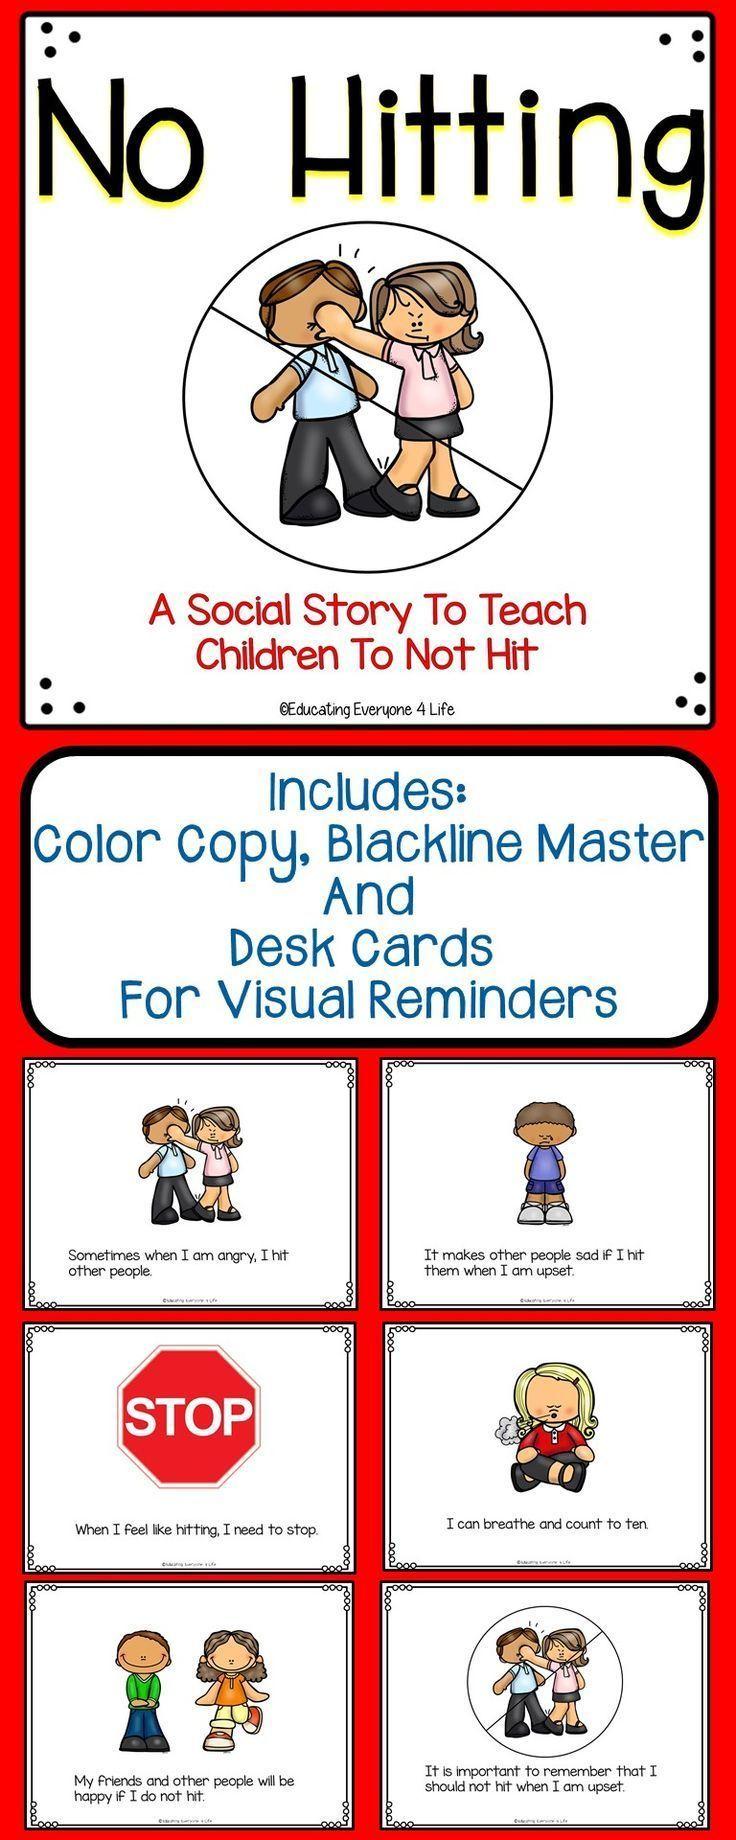 Social Story For Children - No Hitting | Elementary Behavior - Free Printable Social Stories For Kids